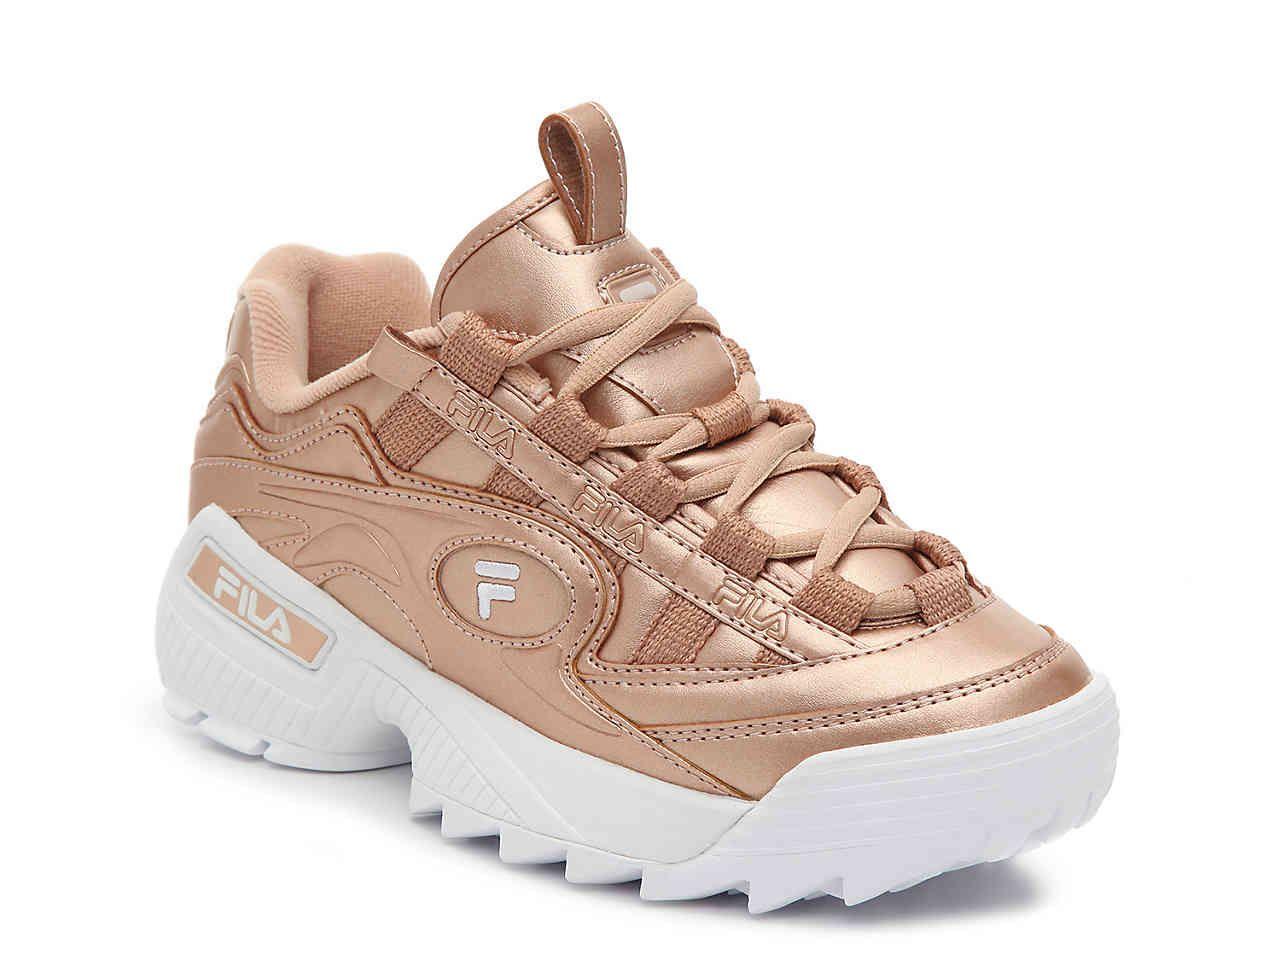 Fila Formation Sneaker - Women's